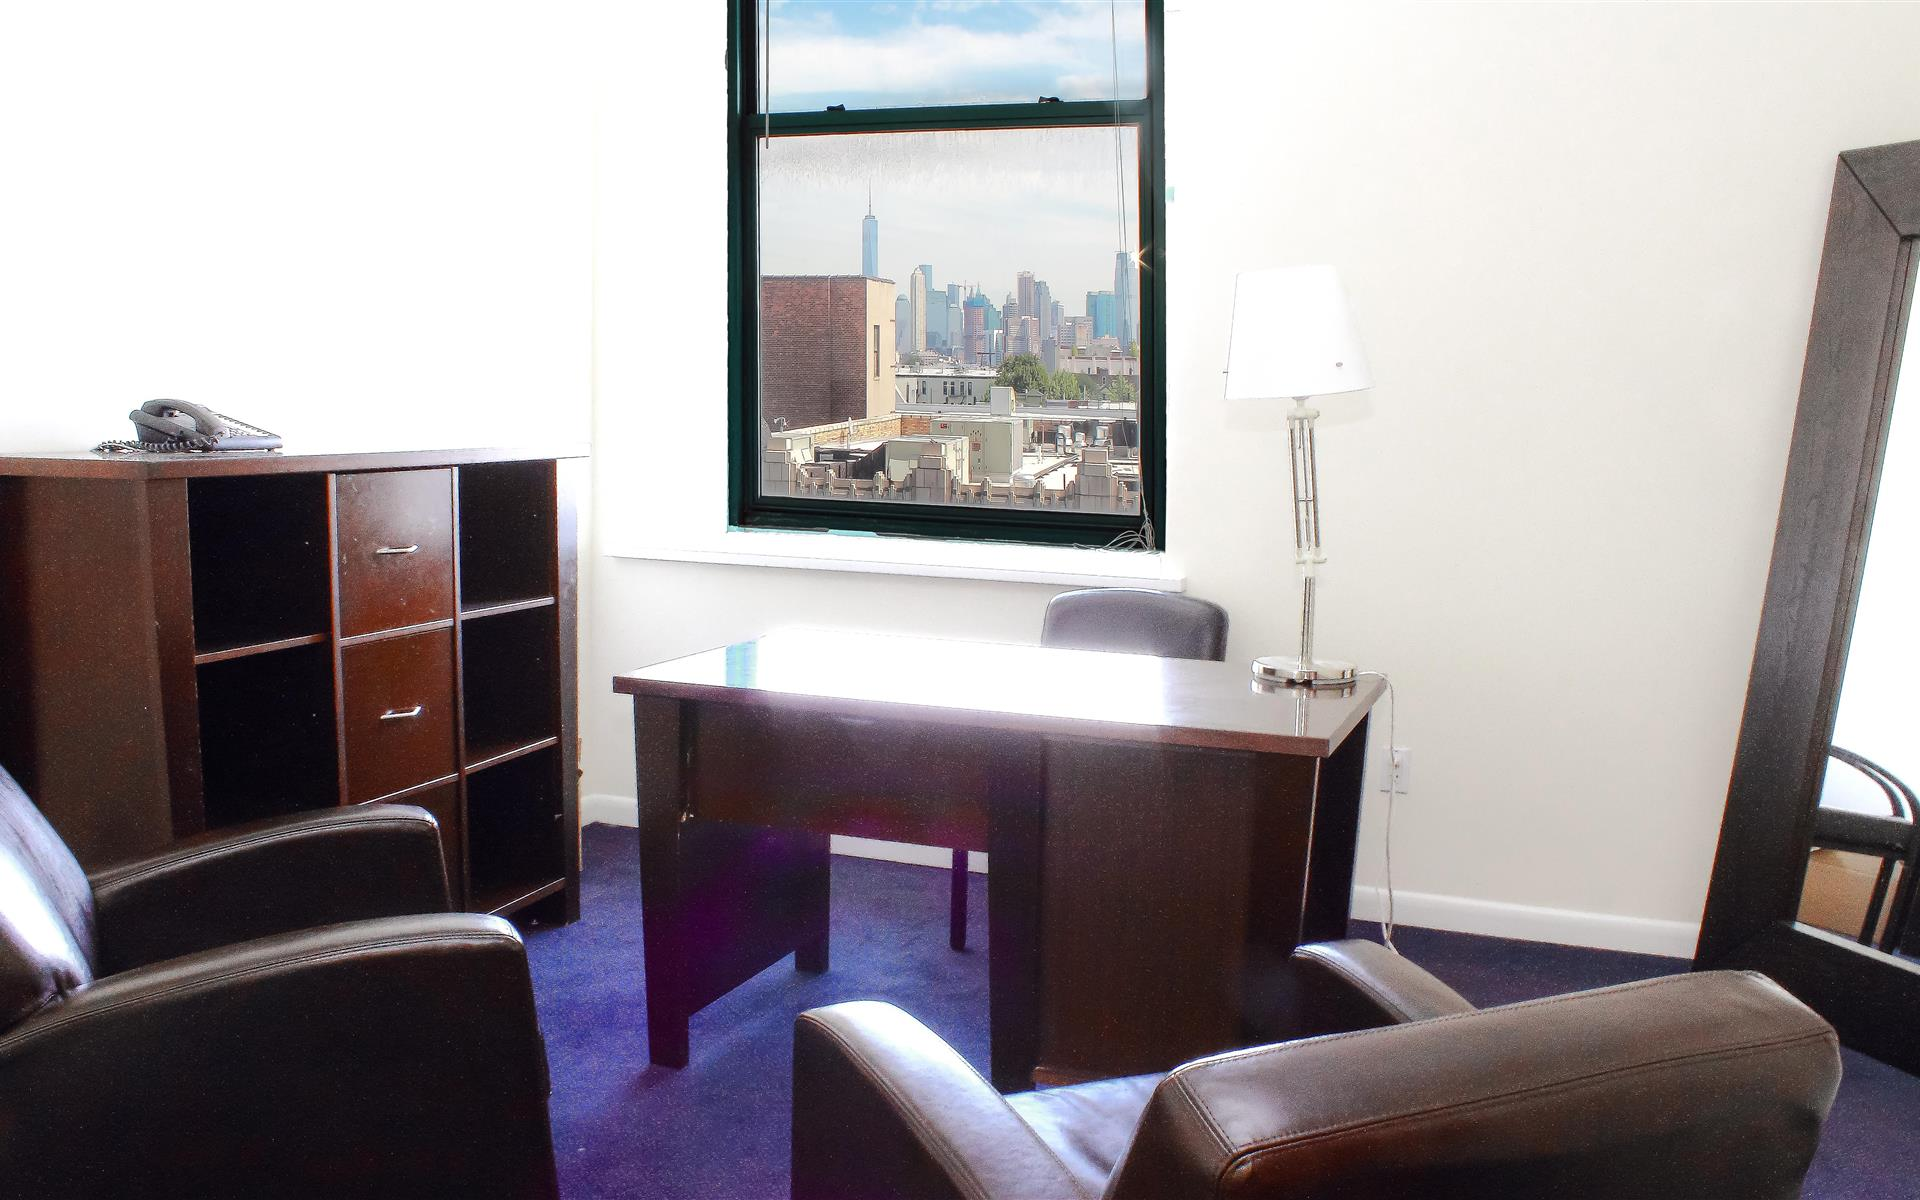 Salman Capital - 4th Floor - Shared office space (Copy 2)